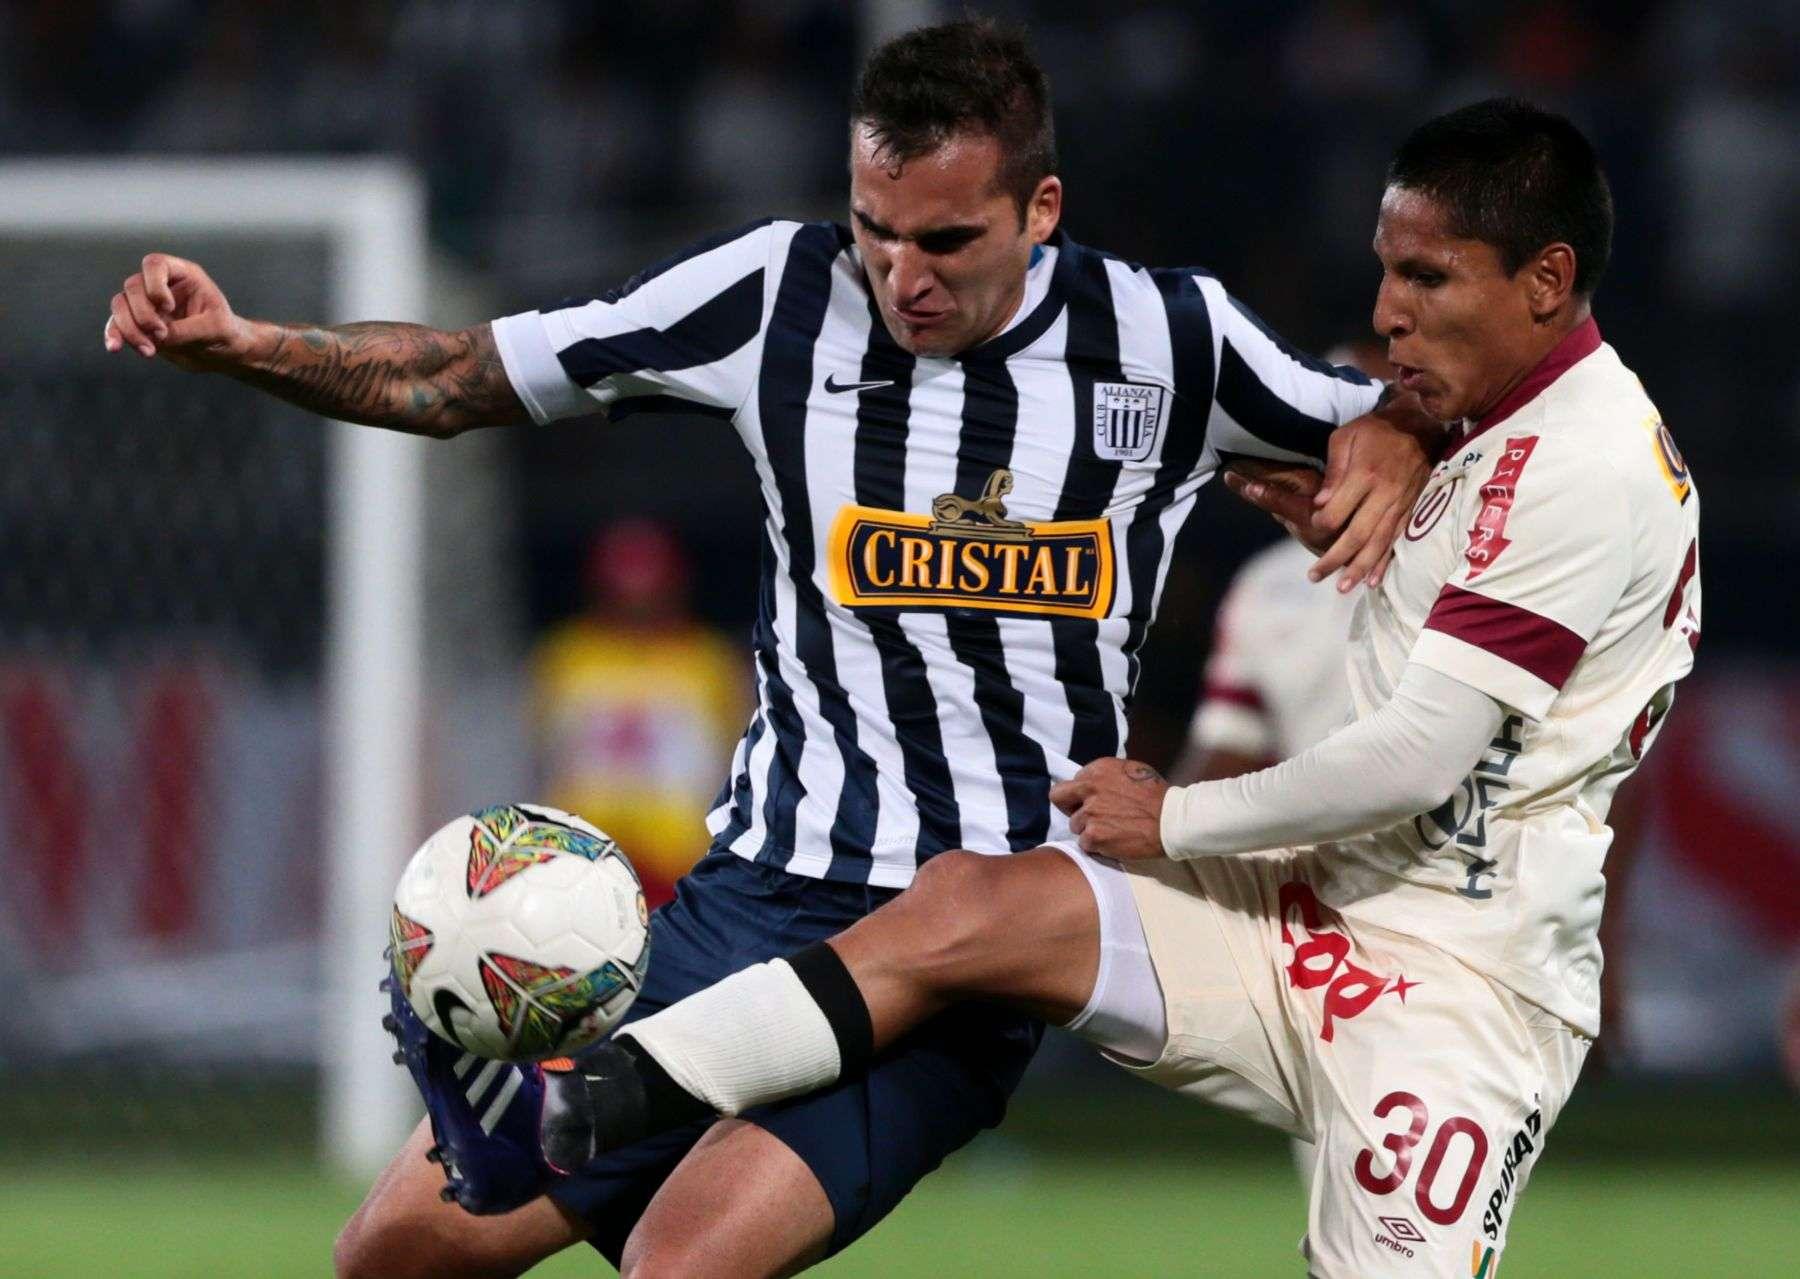 Pablo Míguez ha anotado 6 goles para Alianza Lima en lo que va del año. Foto: Andina